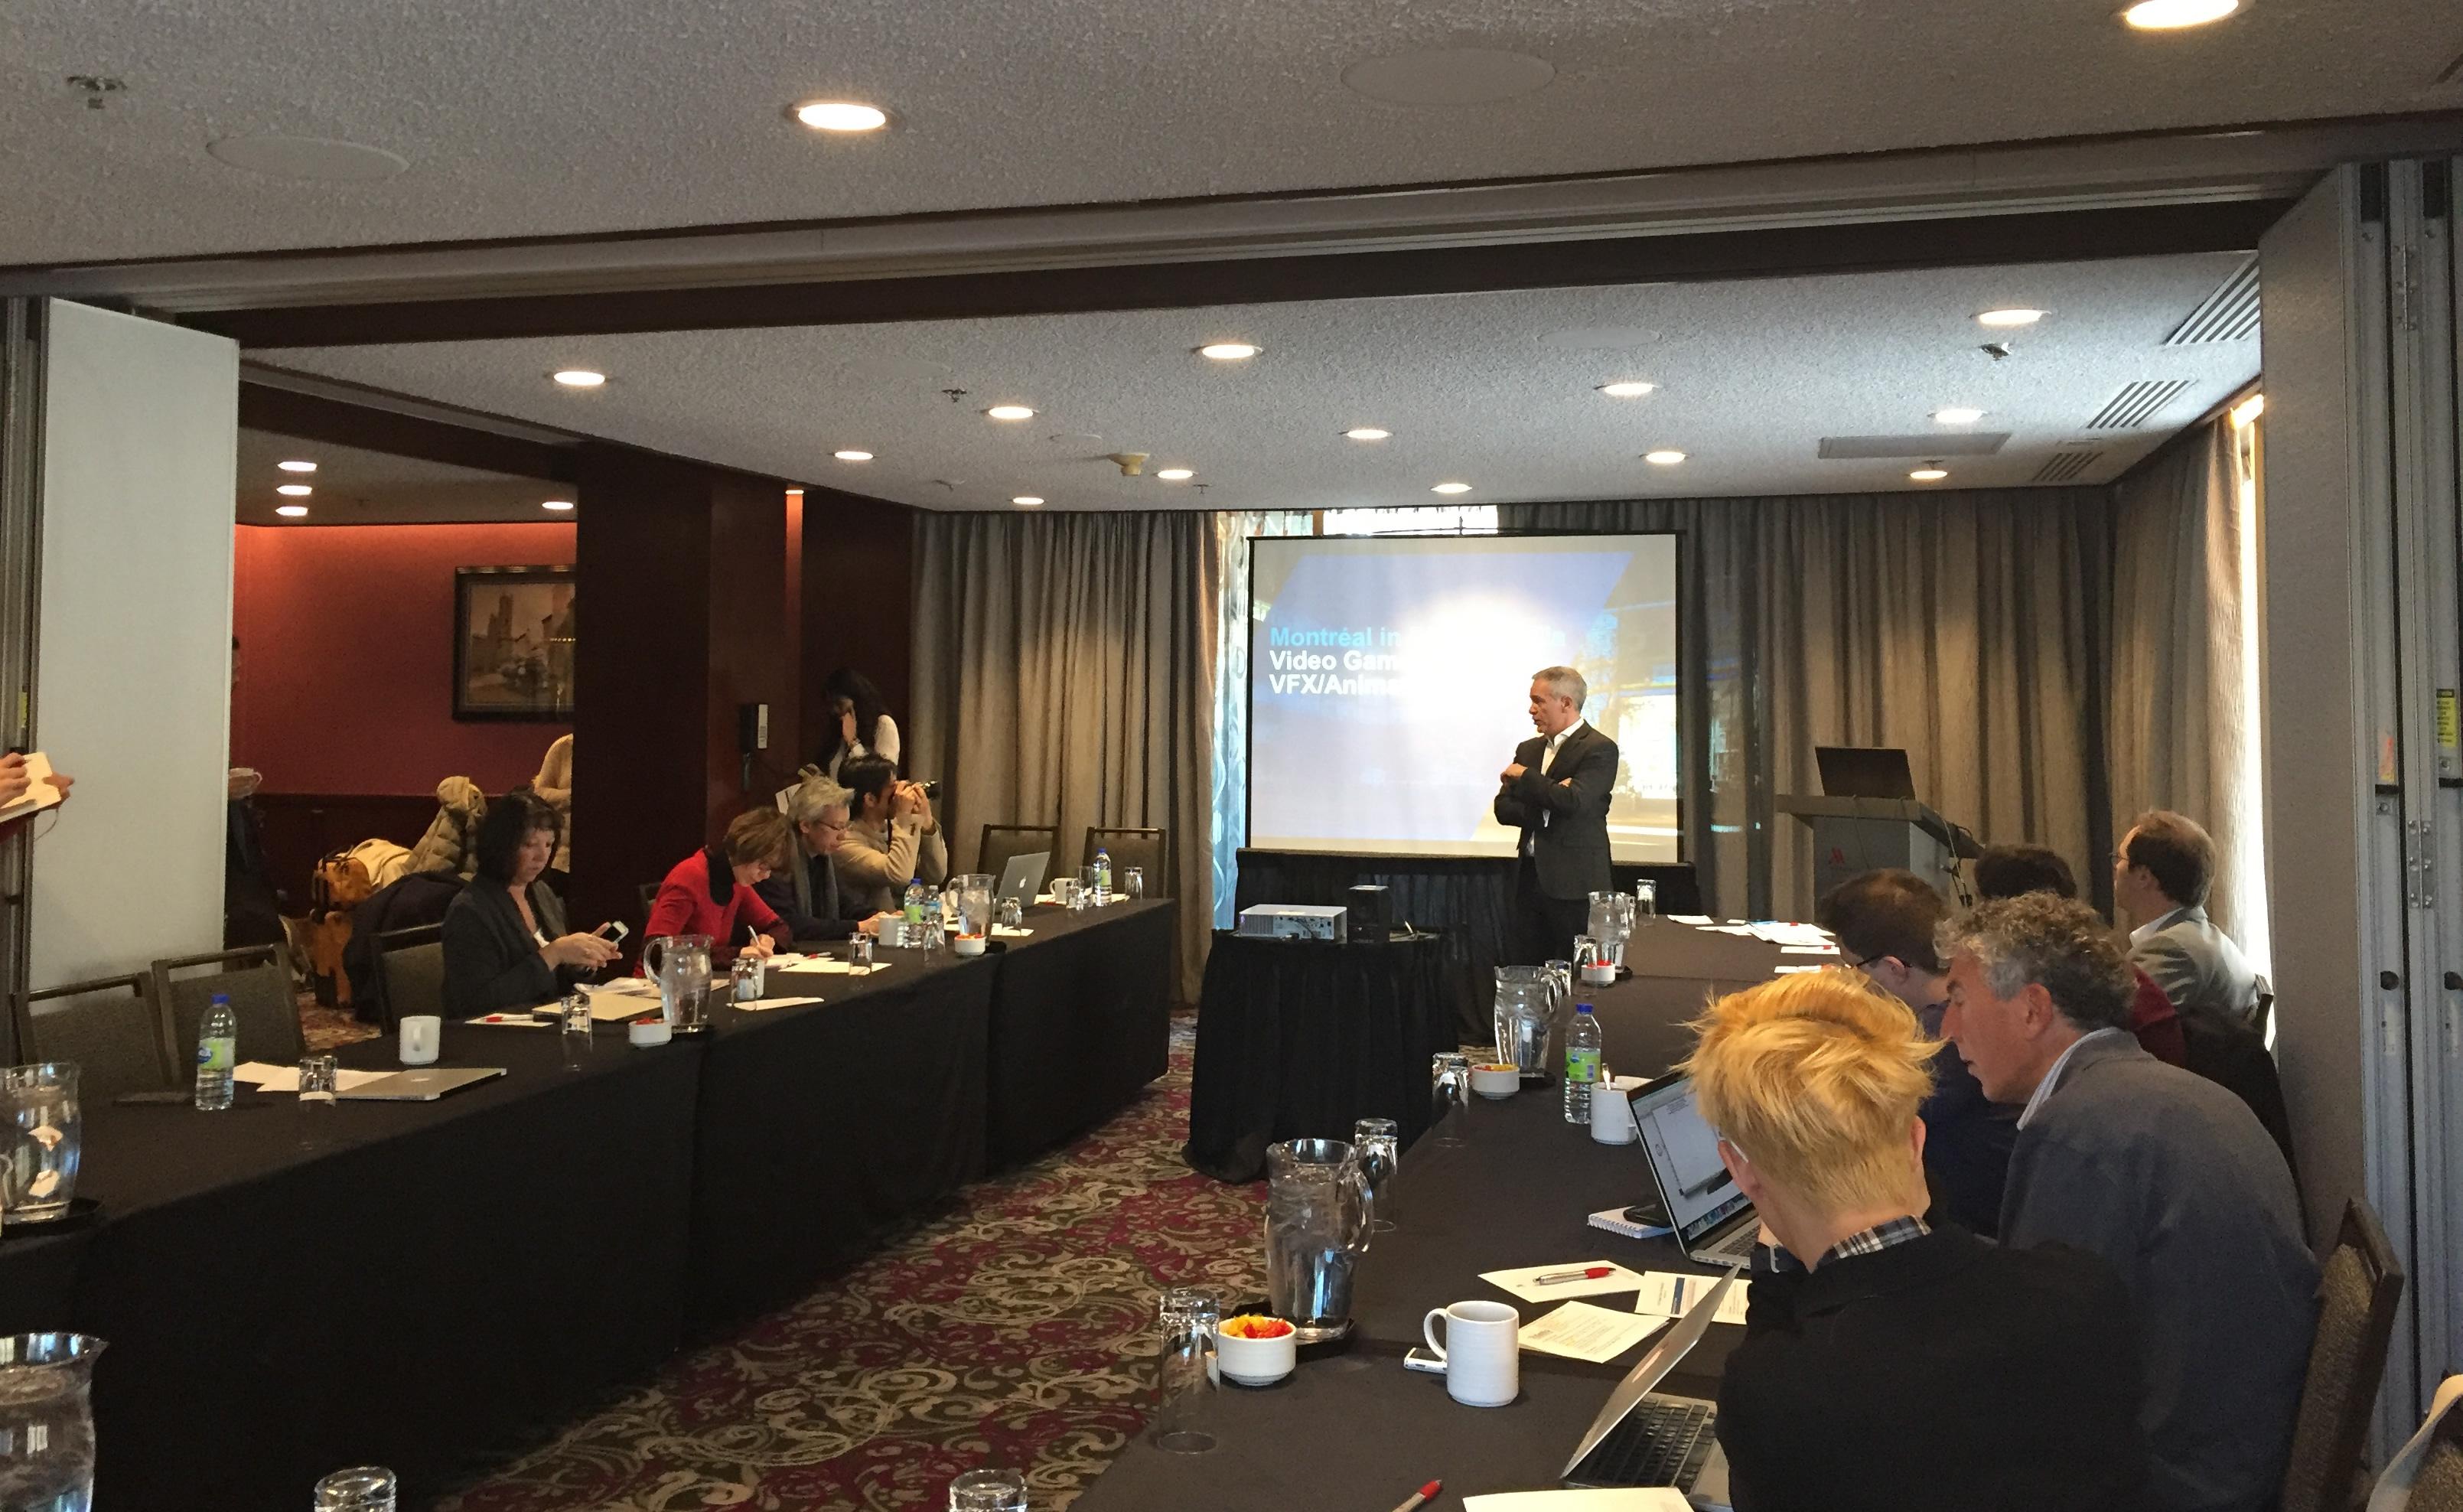 Stéphane Paquet, vice-président, Investissement Grand Montréal, Montréal International a ouvert le programme de la journée avec un portrait de la métropole et de son environnement concurrentiel.